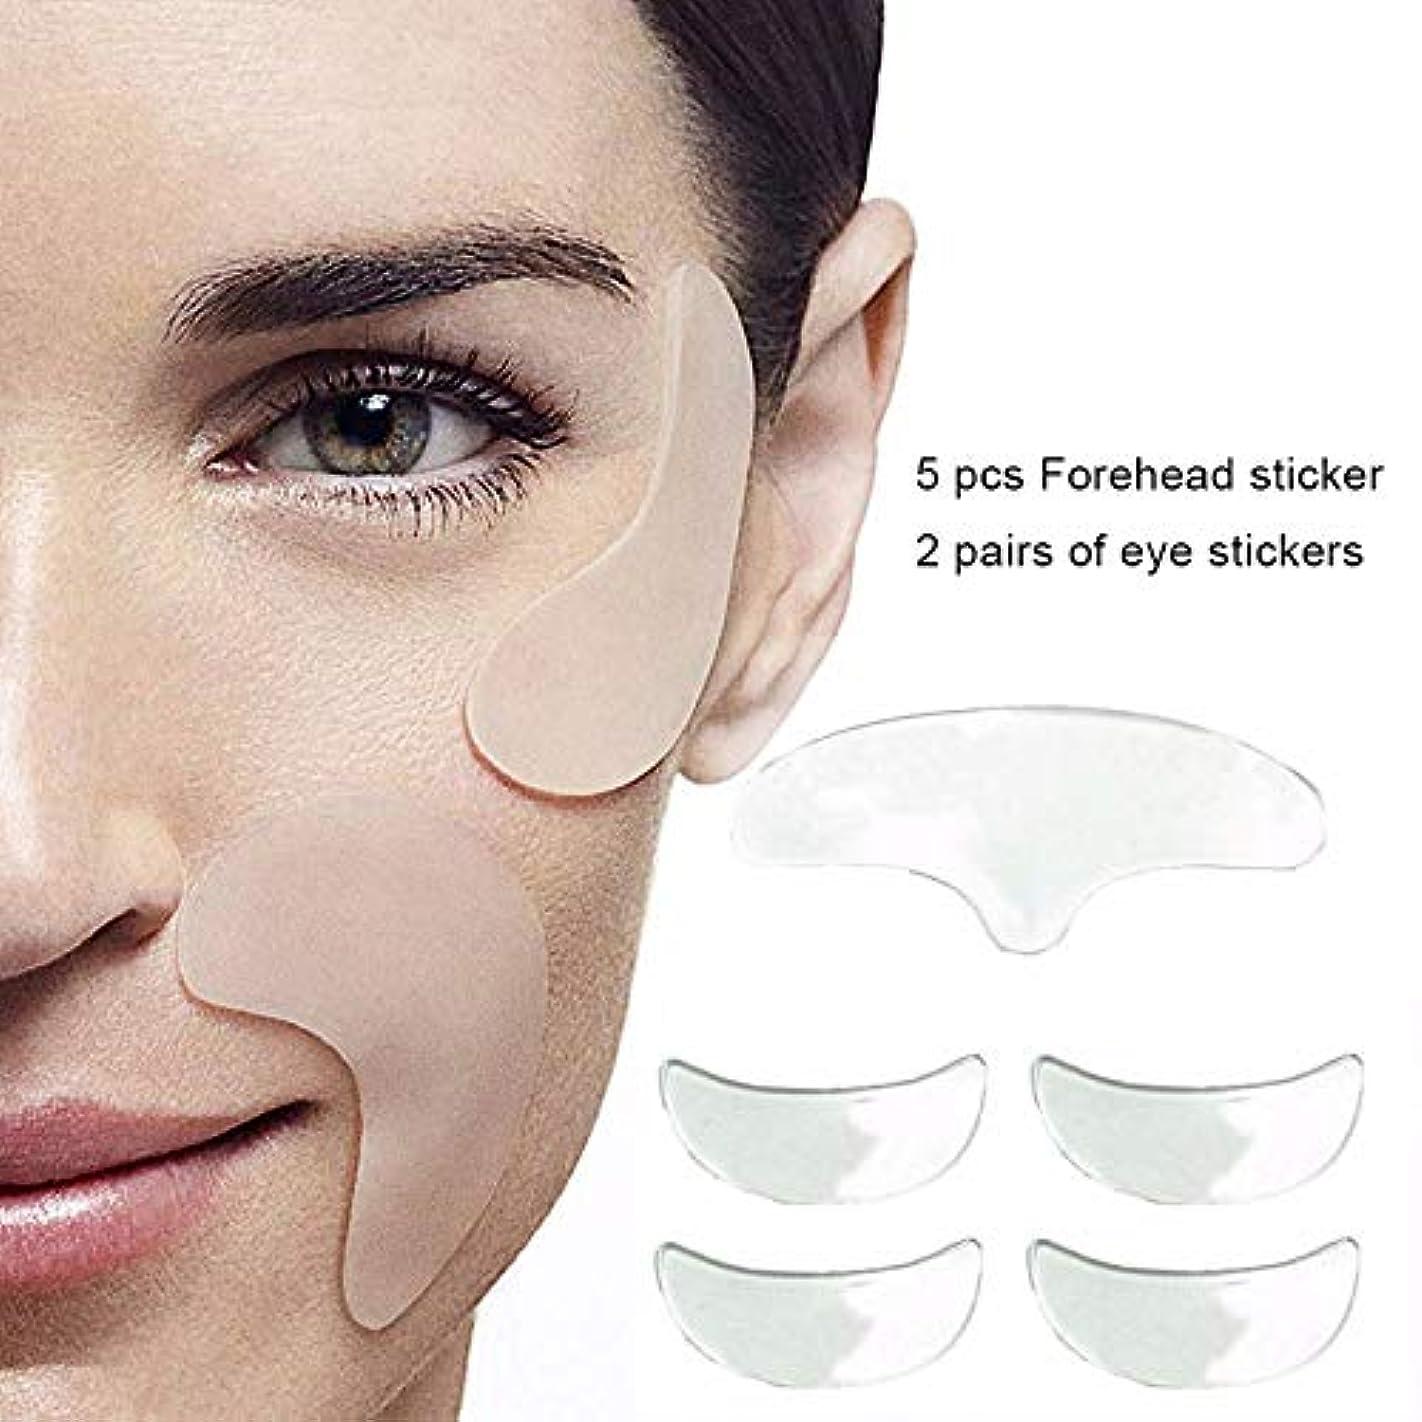 免疫する面宇宙Rabugoo 女性のアンチリンクルアイフェイスパッド再使用可能なシリコーンインビジブルフェイスパッドアンチエイジング防止顔のしわ